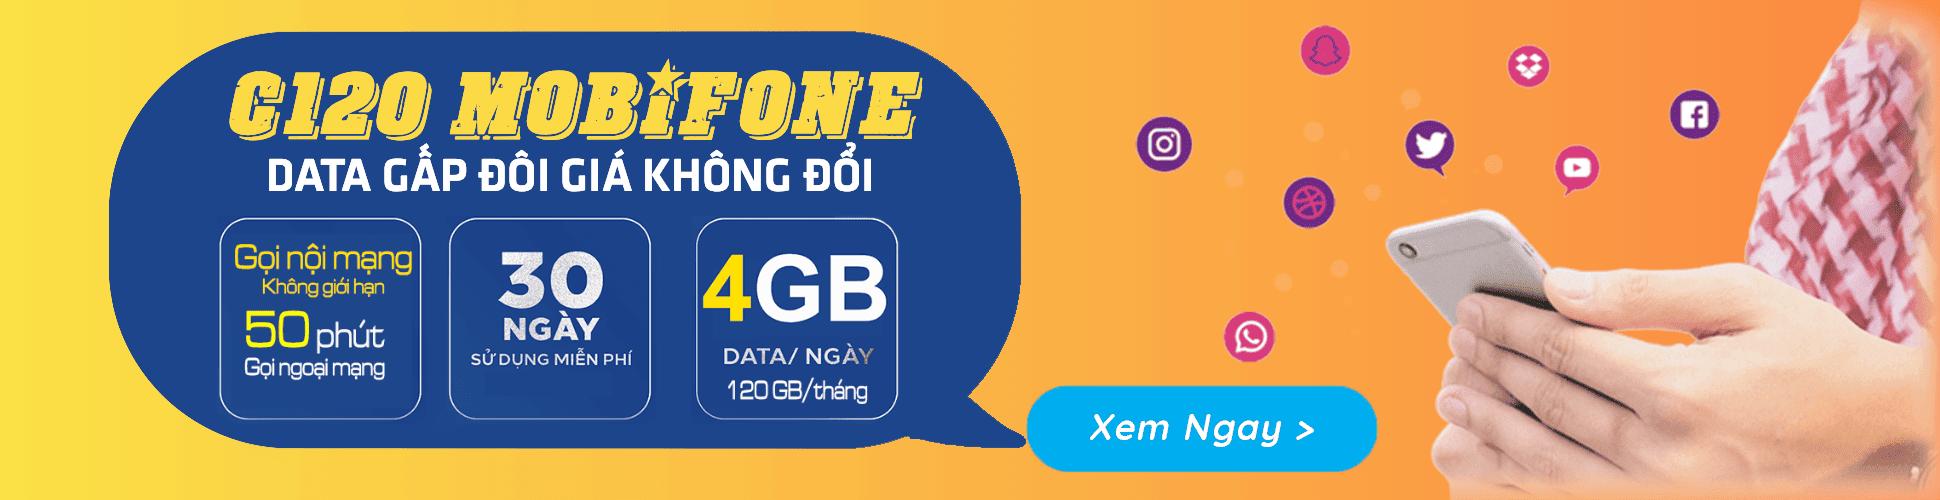 4G MobiFone – Cập nhật tin tức, dịch vụ 4G MobiFone mới nhất